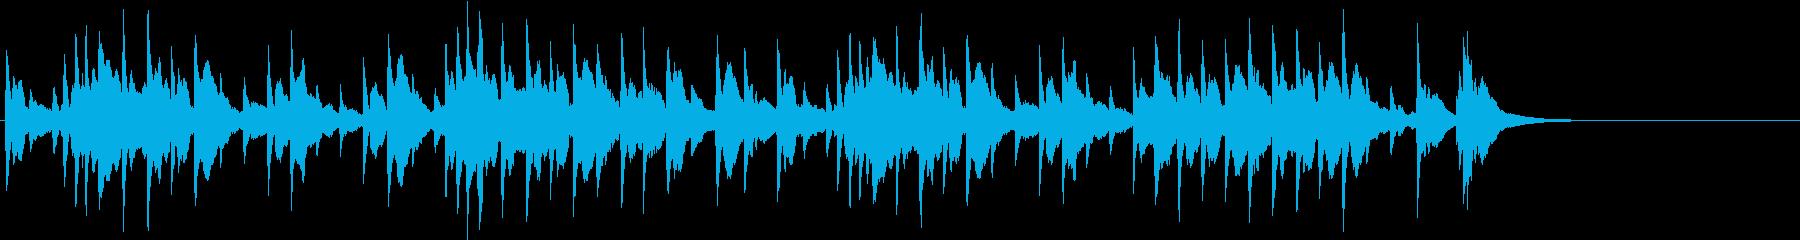 春の歌 メンデルスゾーン オルゴールの再生済みの波形